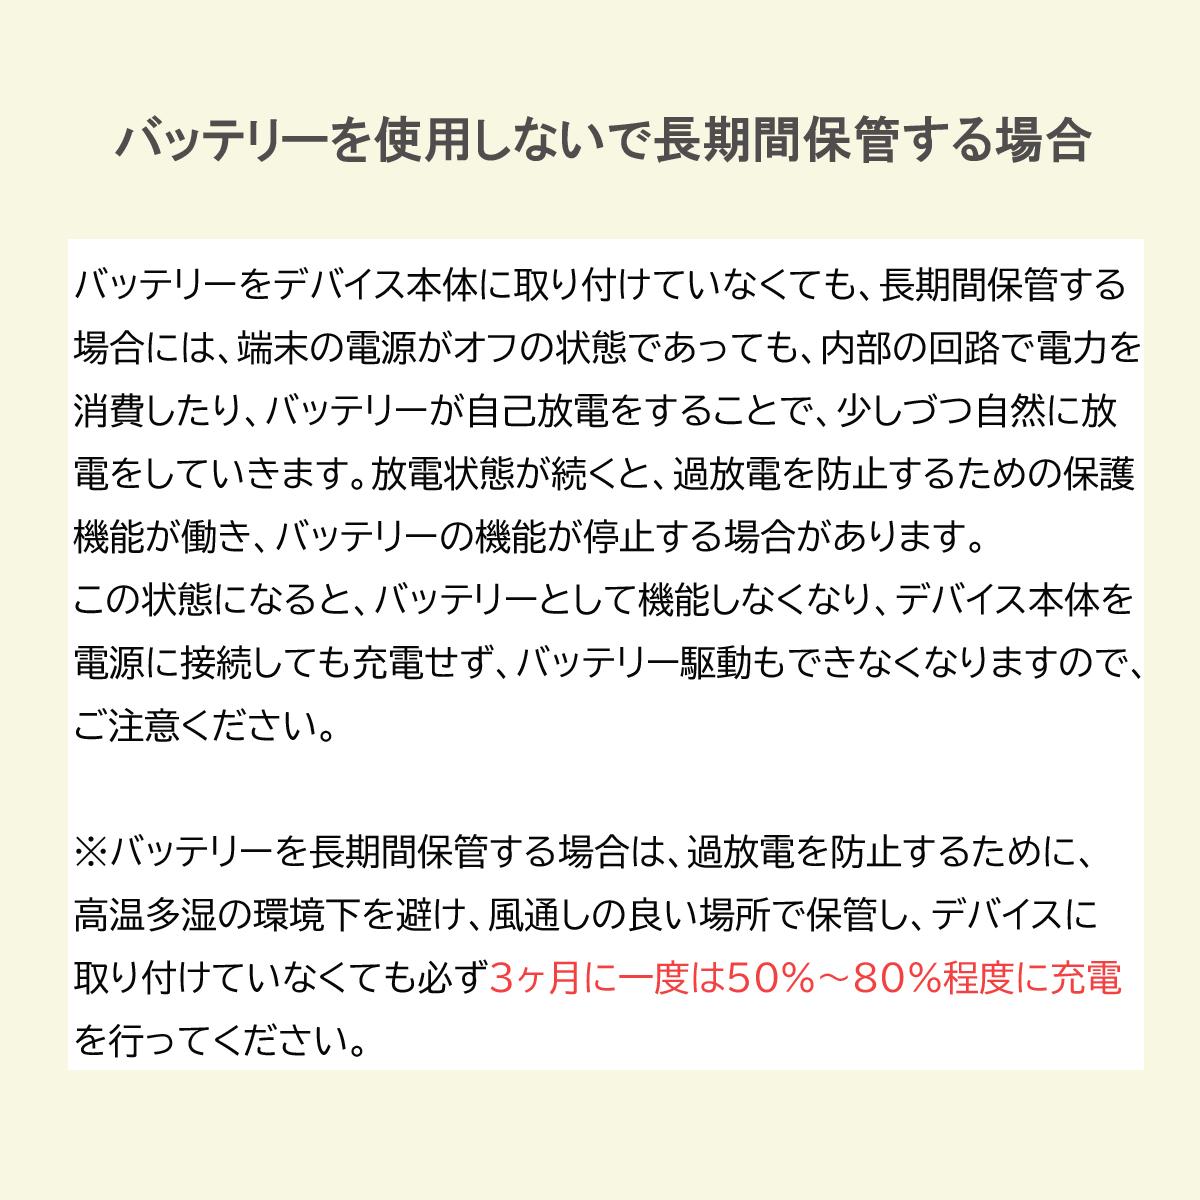 【全国送料無料】Dell デル Latitude 5480 5490 5580 5590 Precision 3520 交換用バッテリー GJKNX GD1JP DY9NT 5YHR4 対応